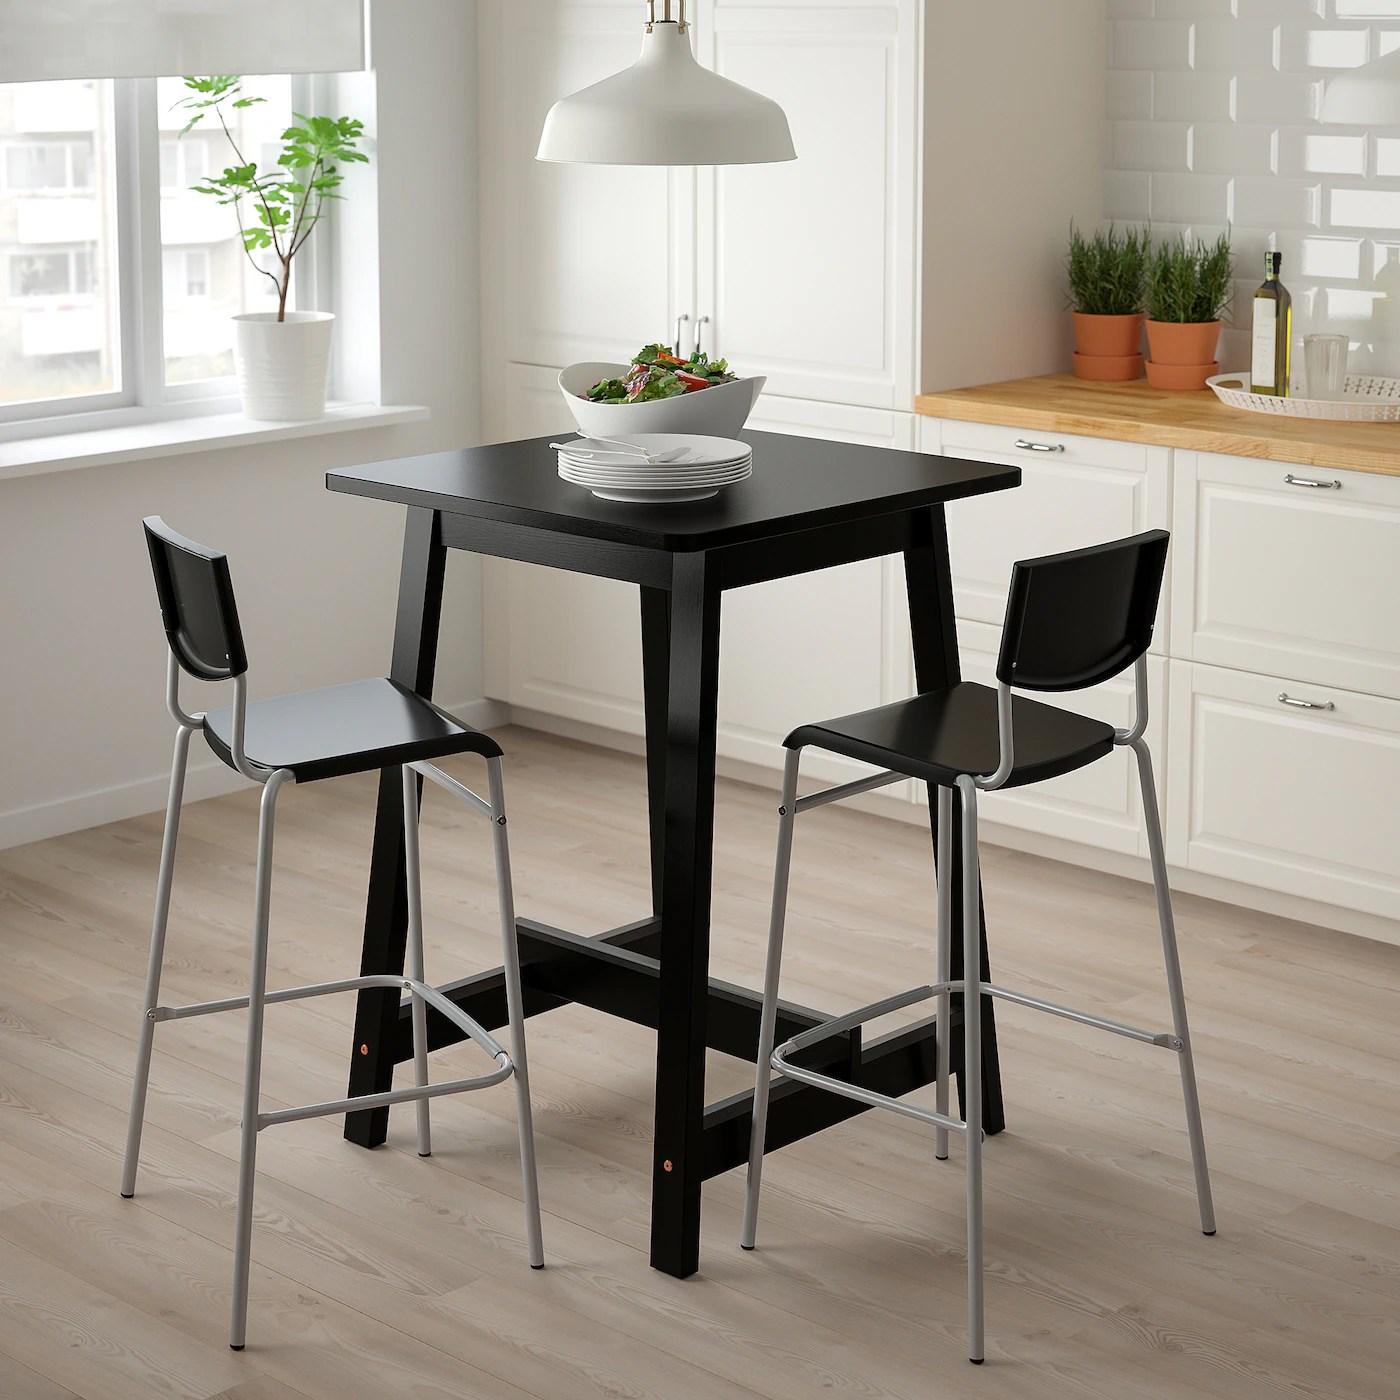 Backrest Ikea Bar Stool